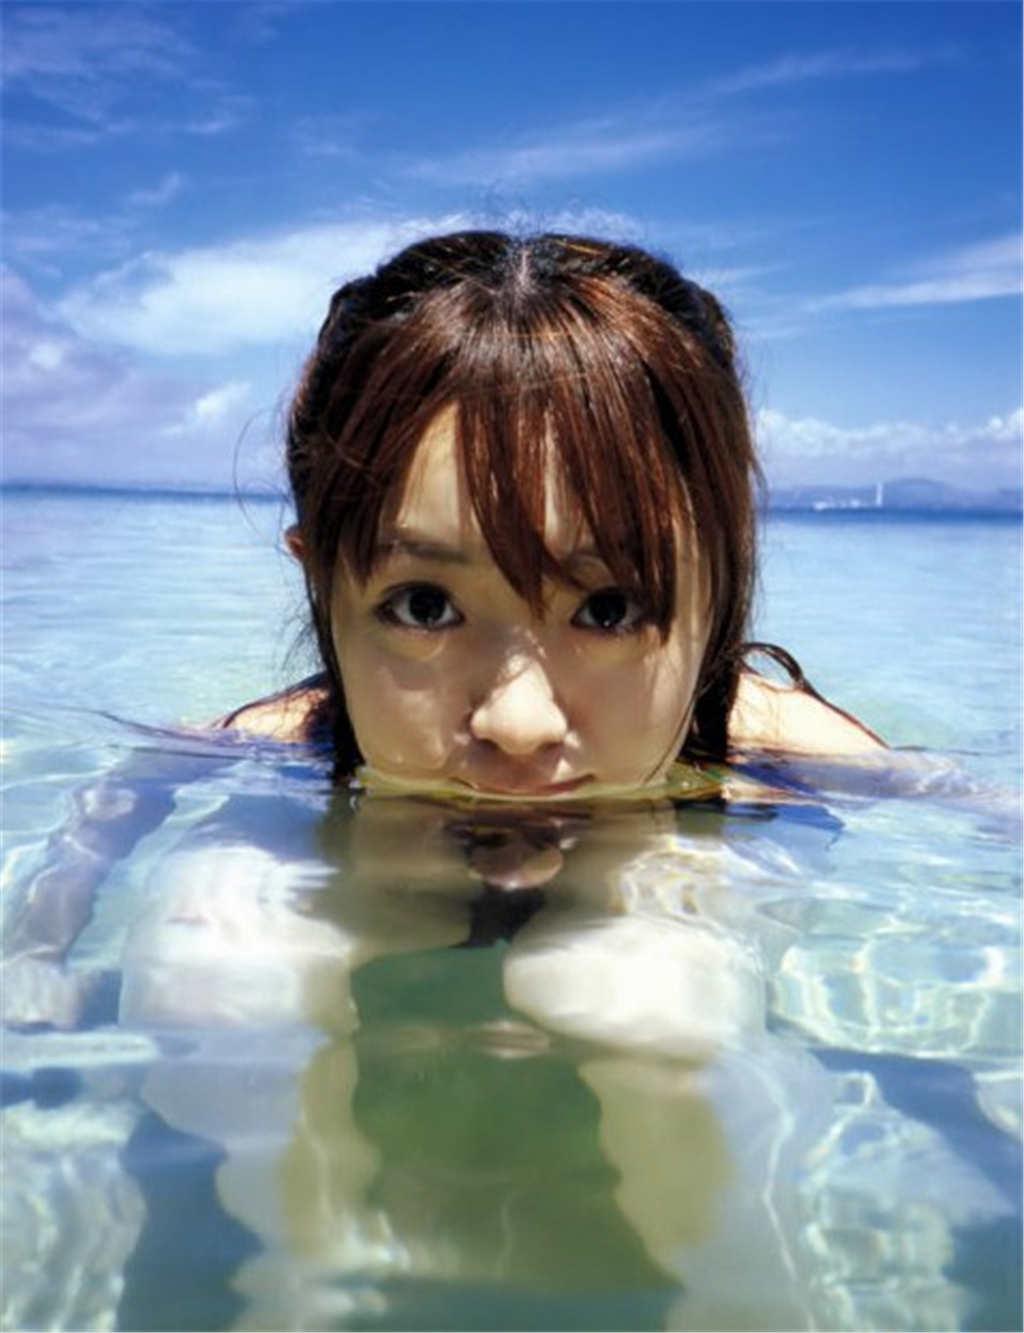 在海水中目视着镜头的可爱美女(点击浏览下一张趣图)